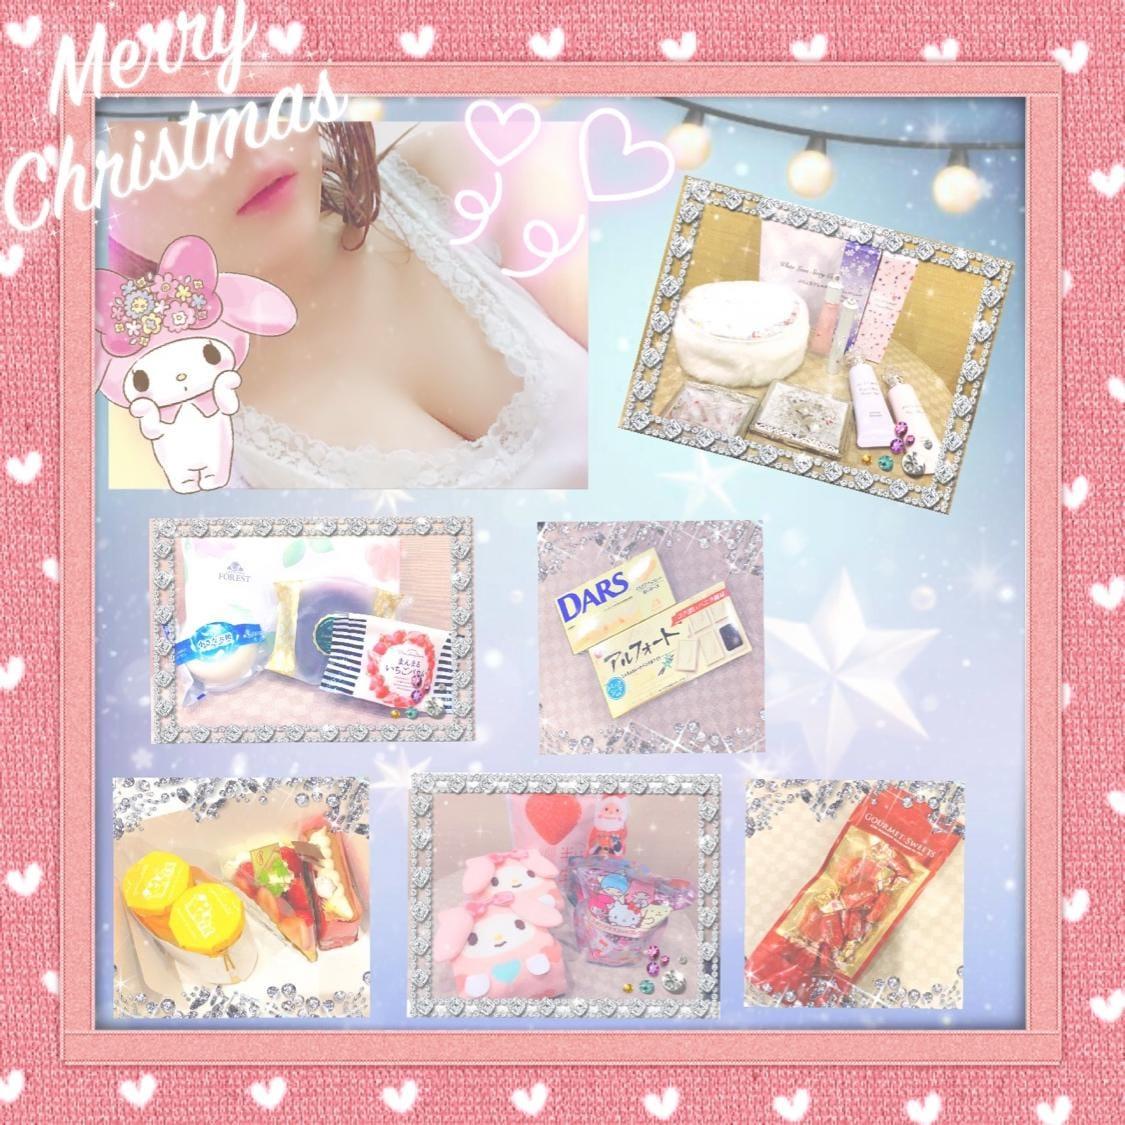 「おやすみなさい☆*゚」12/22(12/22) 00:06 | れいかの写メ・風俗動画